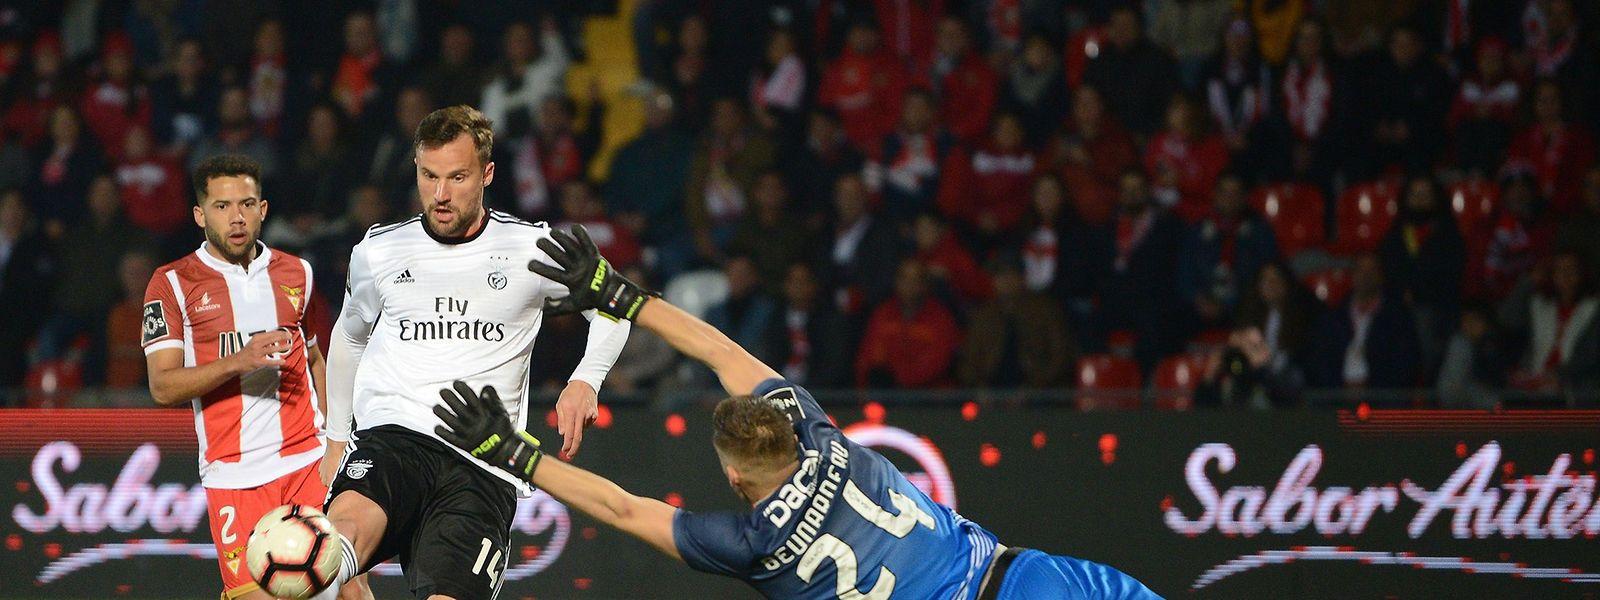 Haris Seferovic, de branco, inaugurou o marcador na Vila das Aves para o Benfica.